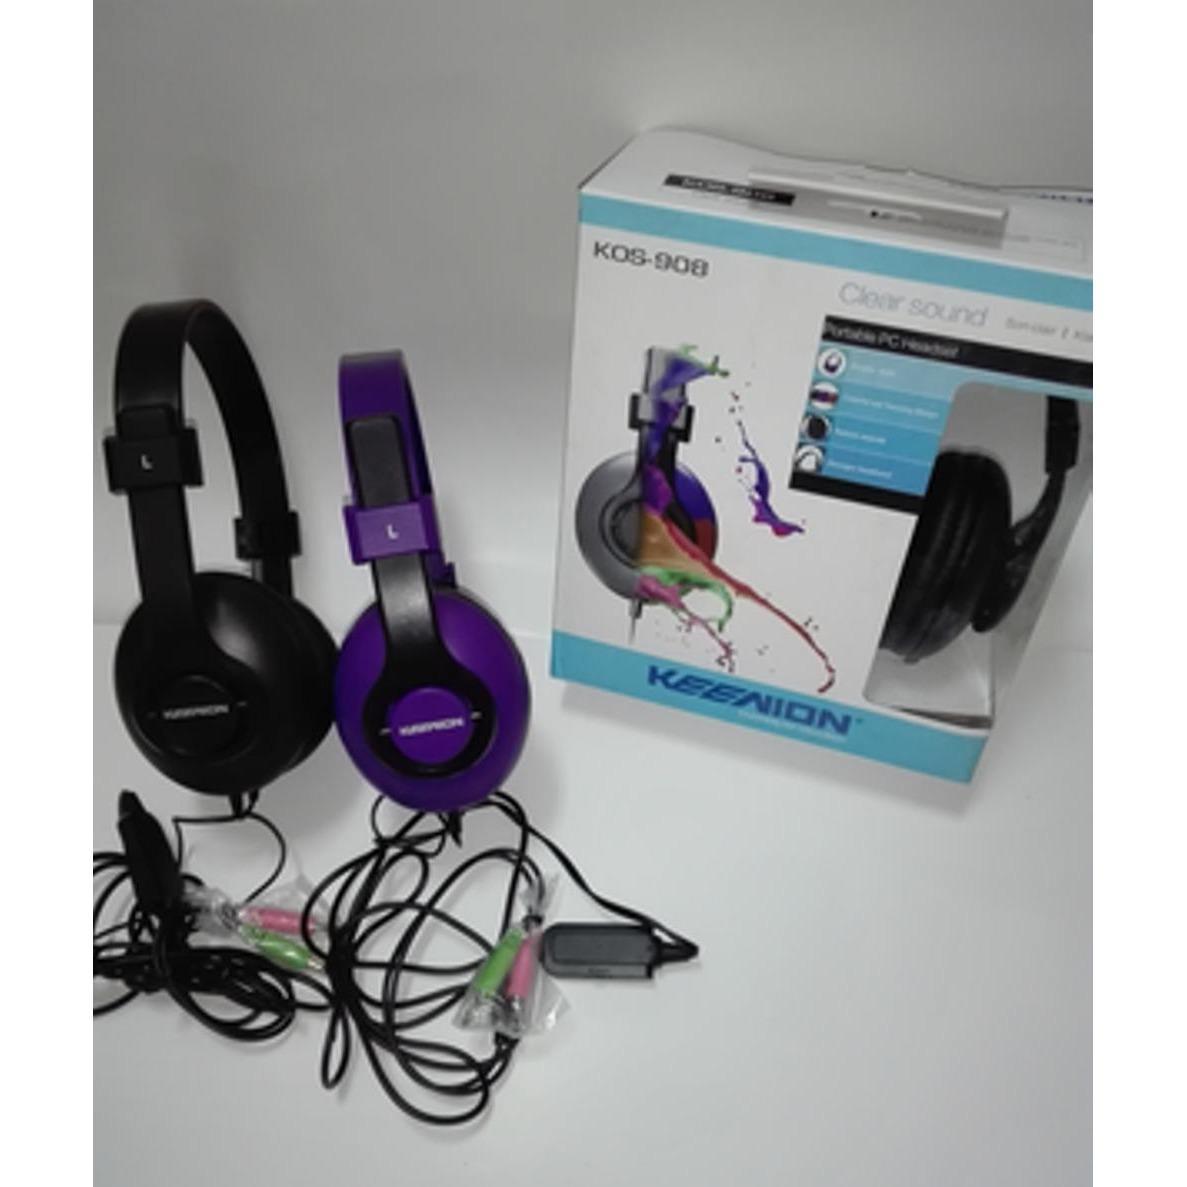 Keenion Headset Kos 699 Hitam Daftar Update Harga Terbaru Dan 803 Headphone Original Blue 908